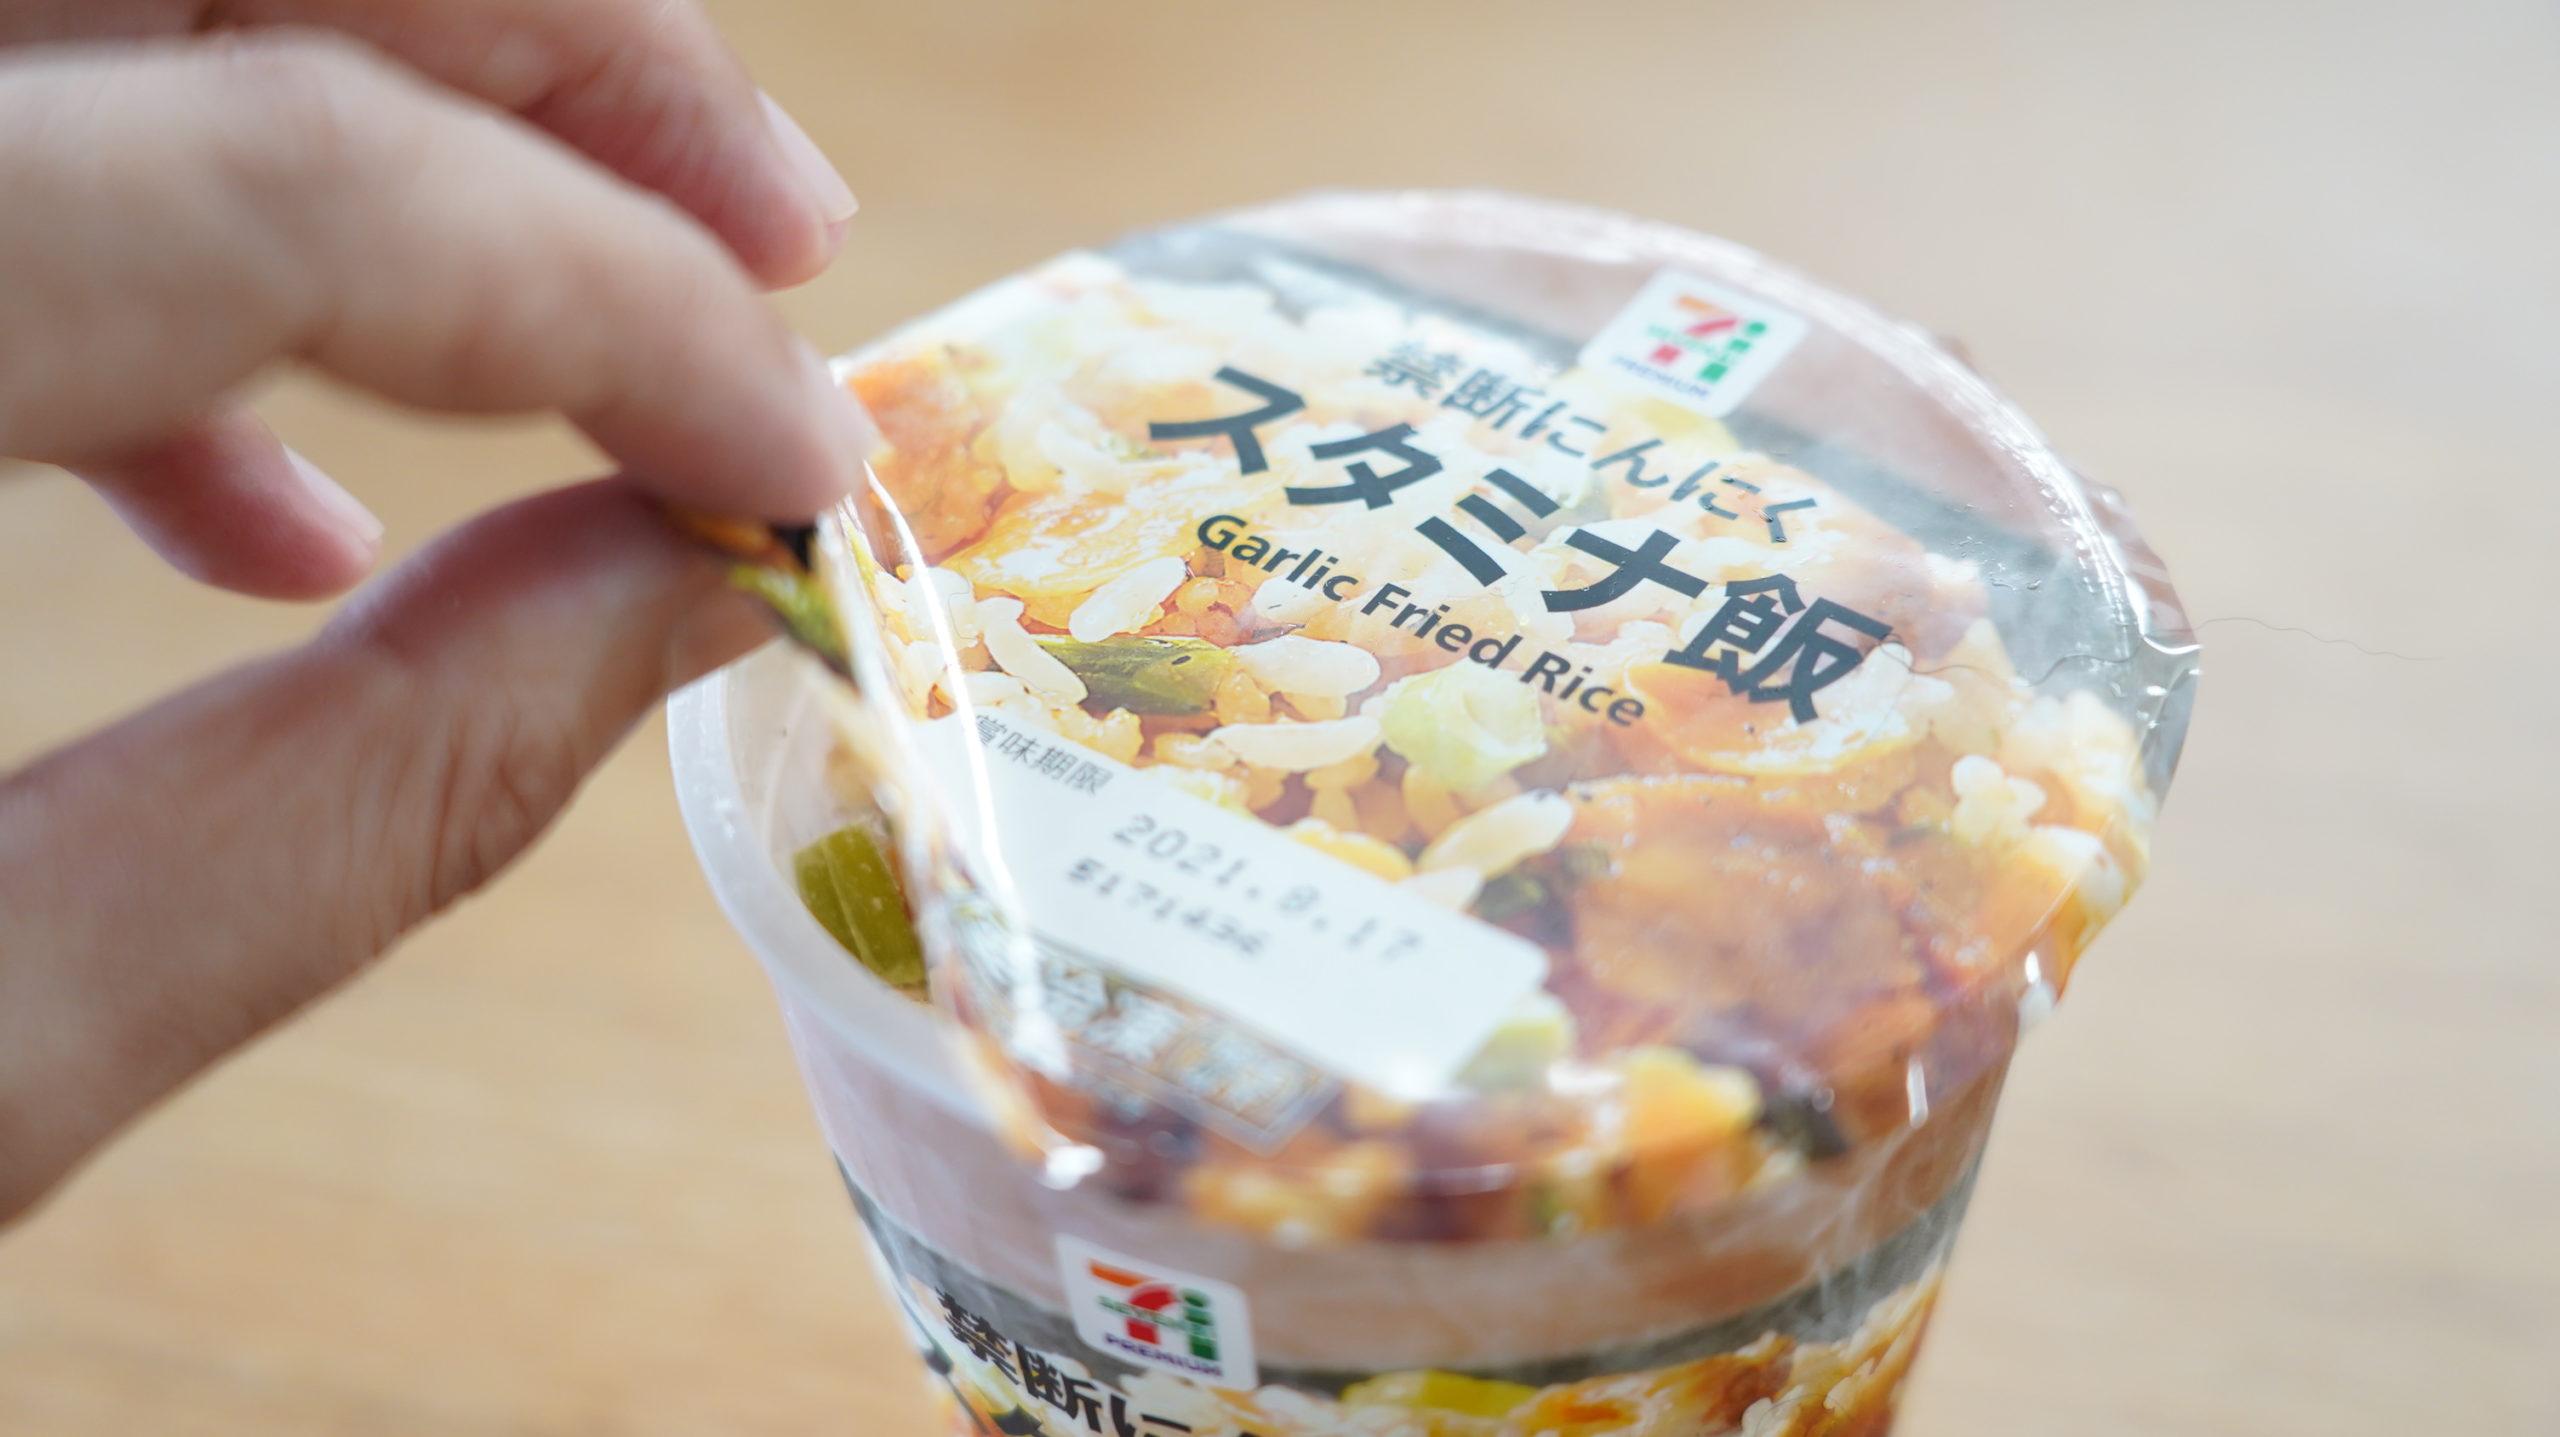 セブンイレブンの冷凍食品「禁断にんにくスタミナ飯」のフィルムを点線まではがしている写真